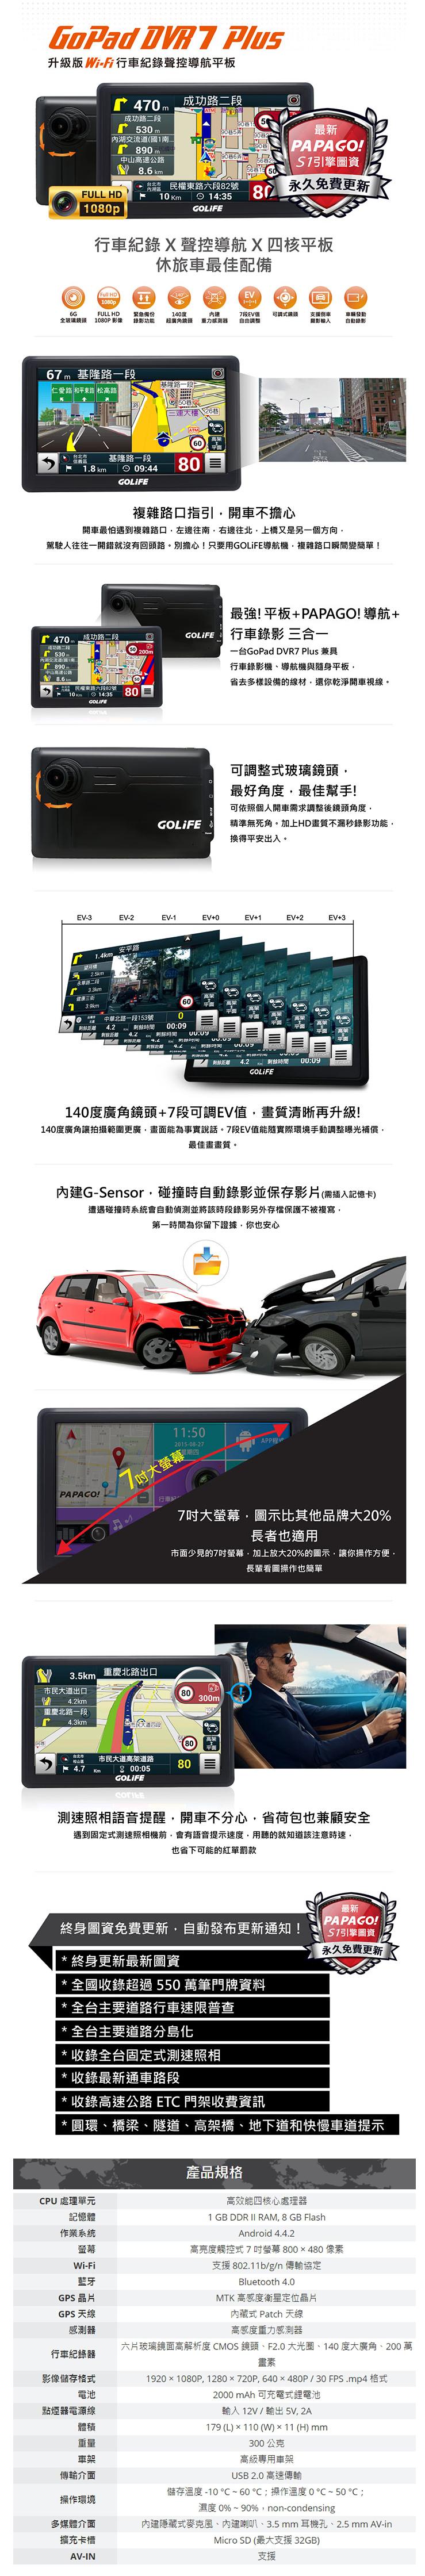 GOLiFE GoPad DVR7 Plus 升級版Wi-Fi行車紀錄聲控導航平板 - PChome 24h購物